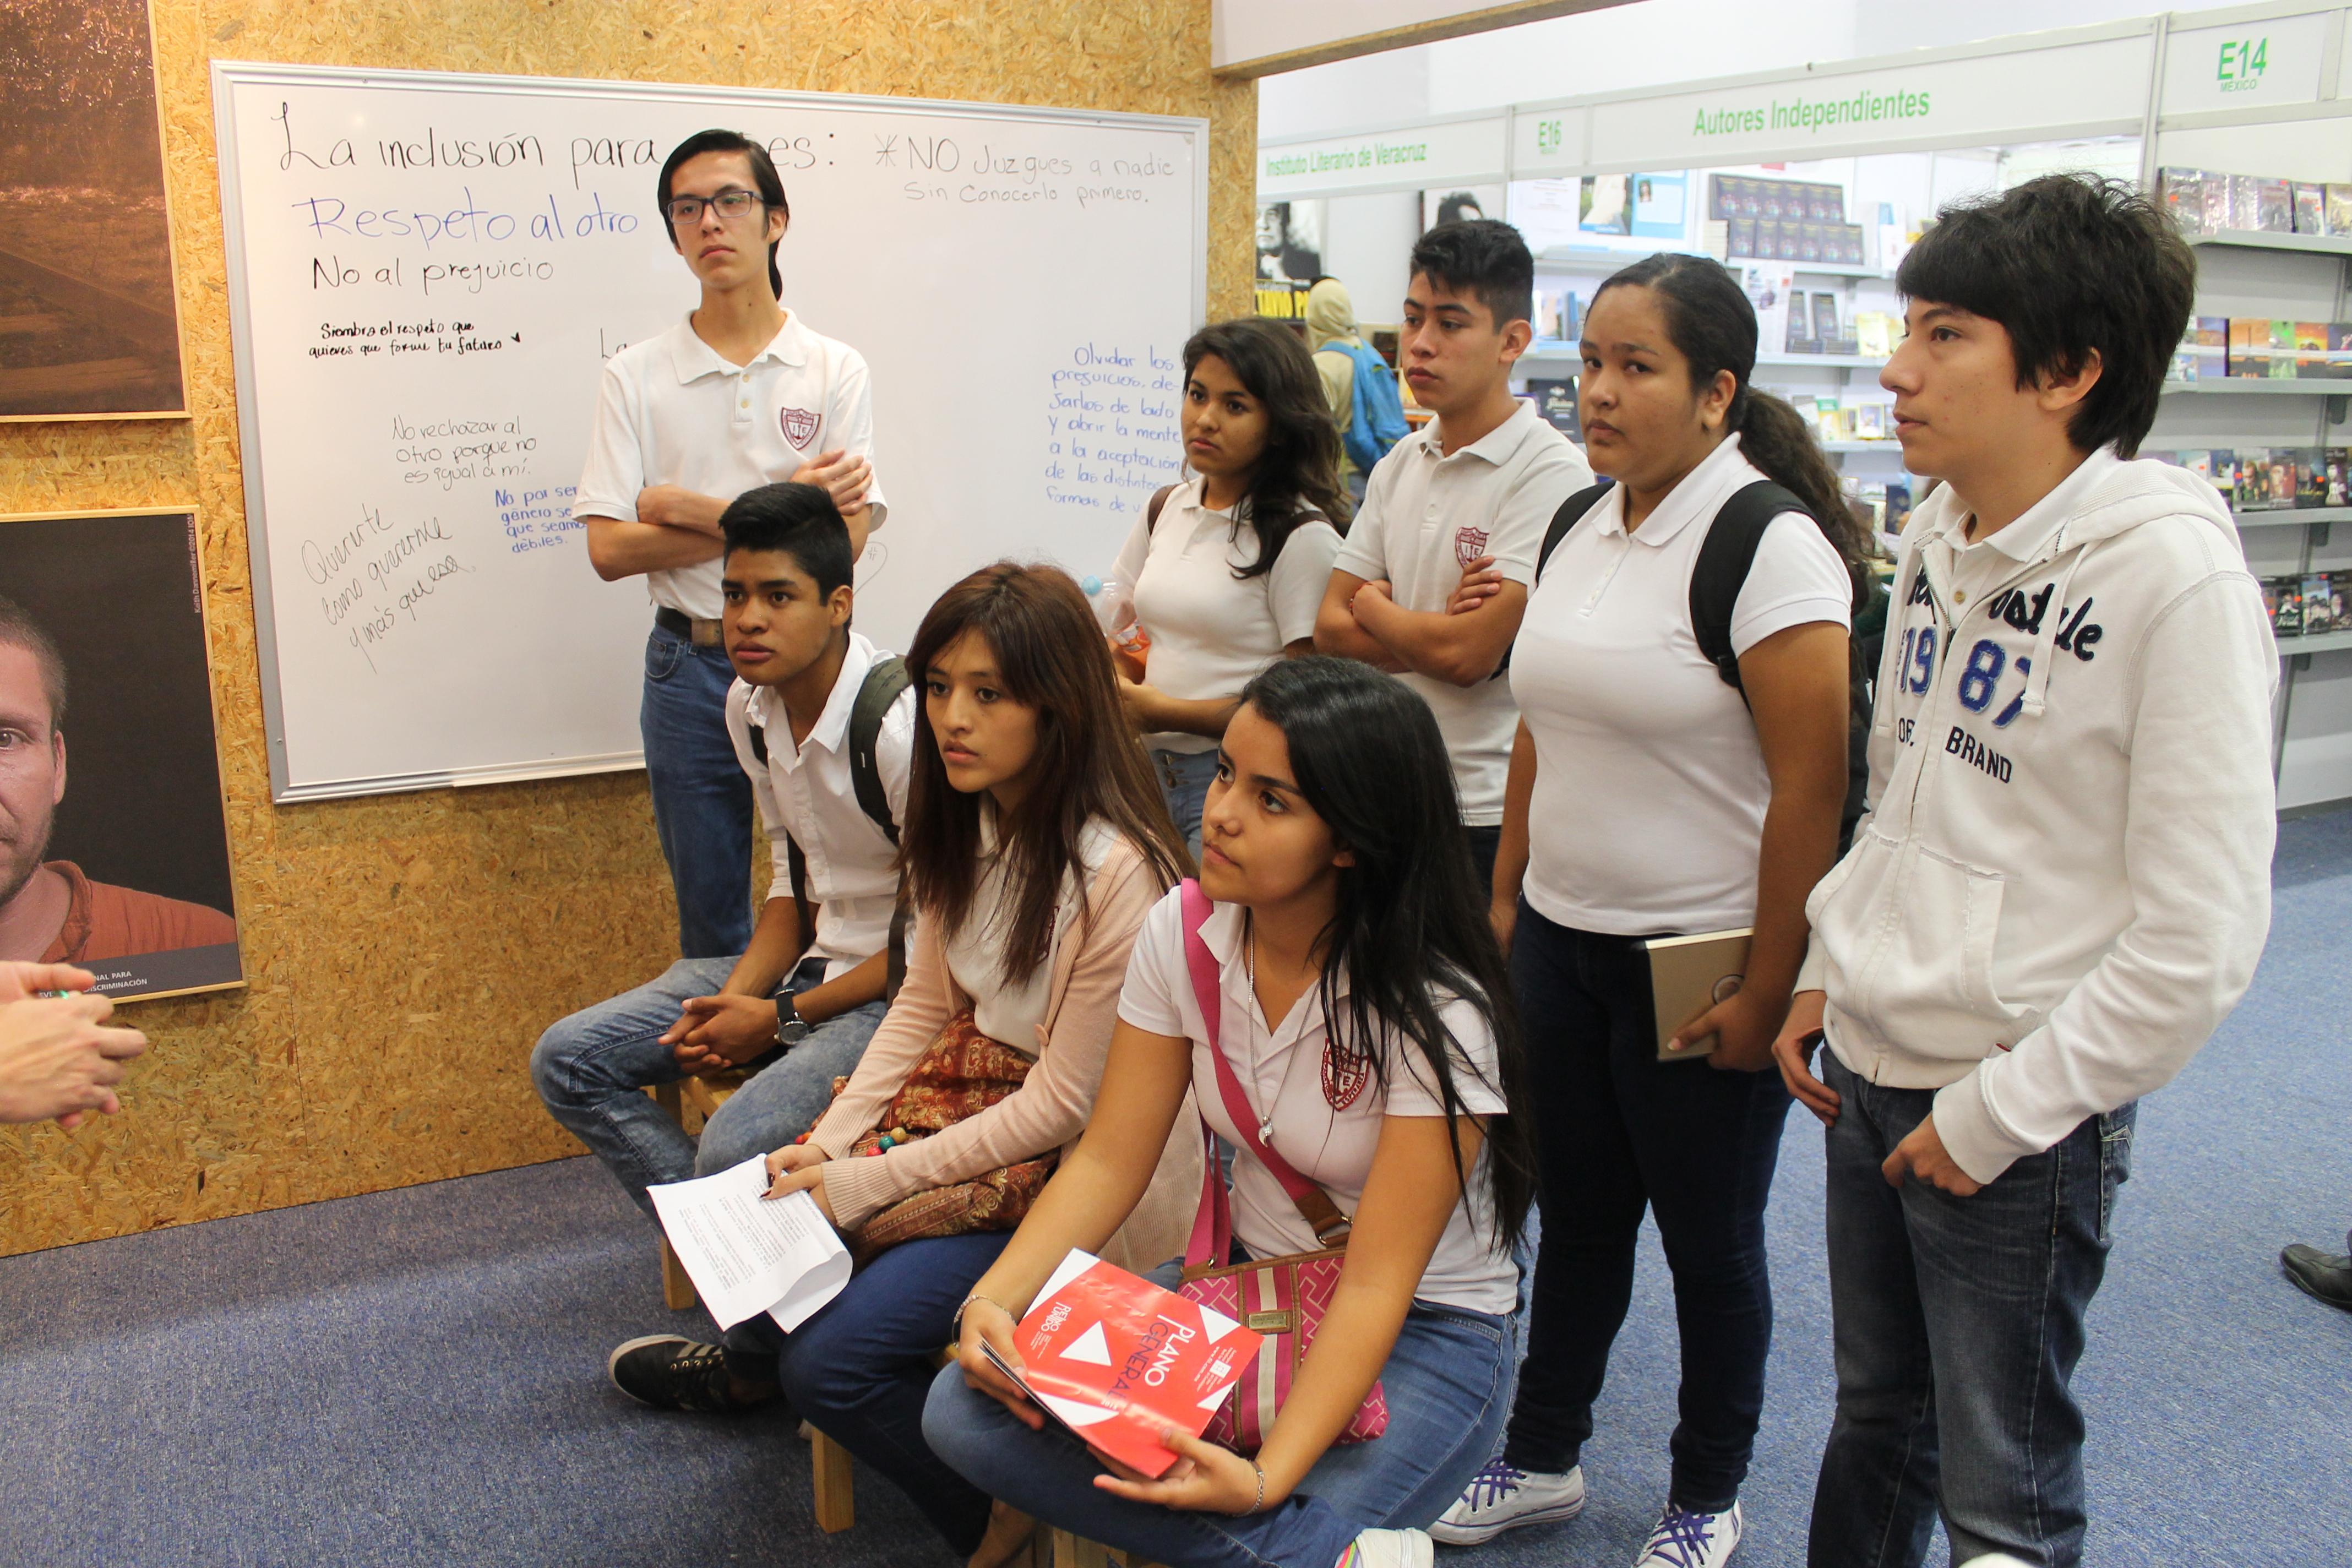 Jóvenes durante la actividad educativa en el stand de la FIL Guadalajara 2015